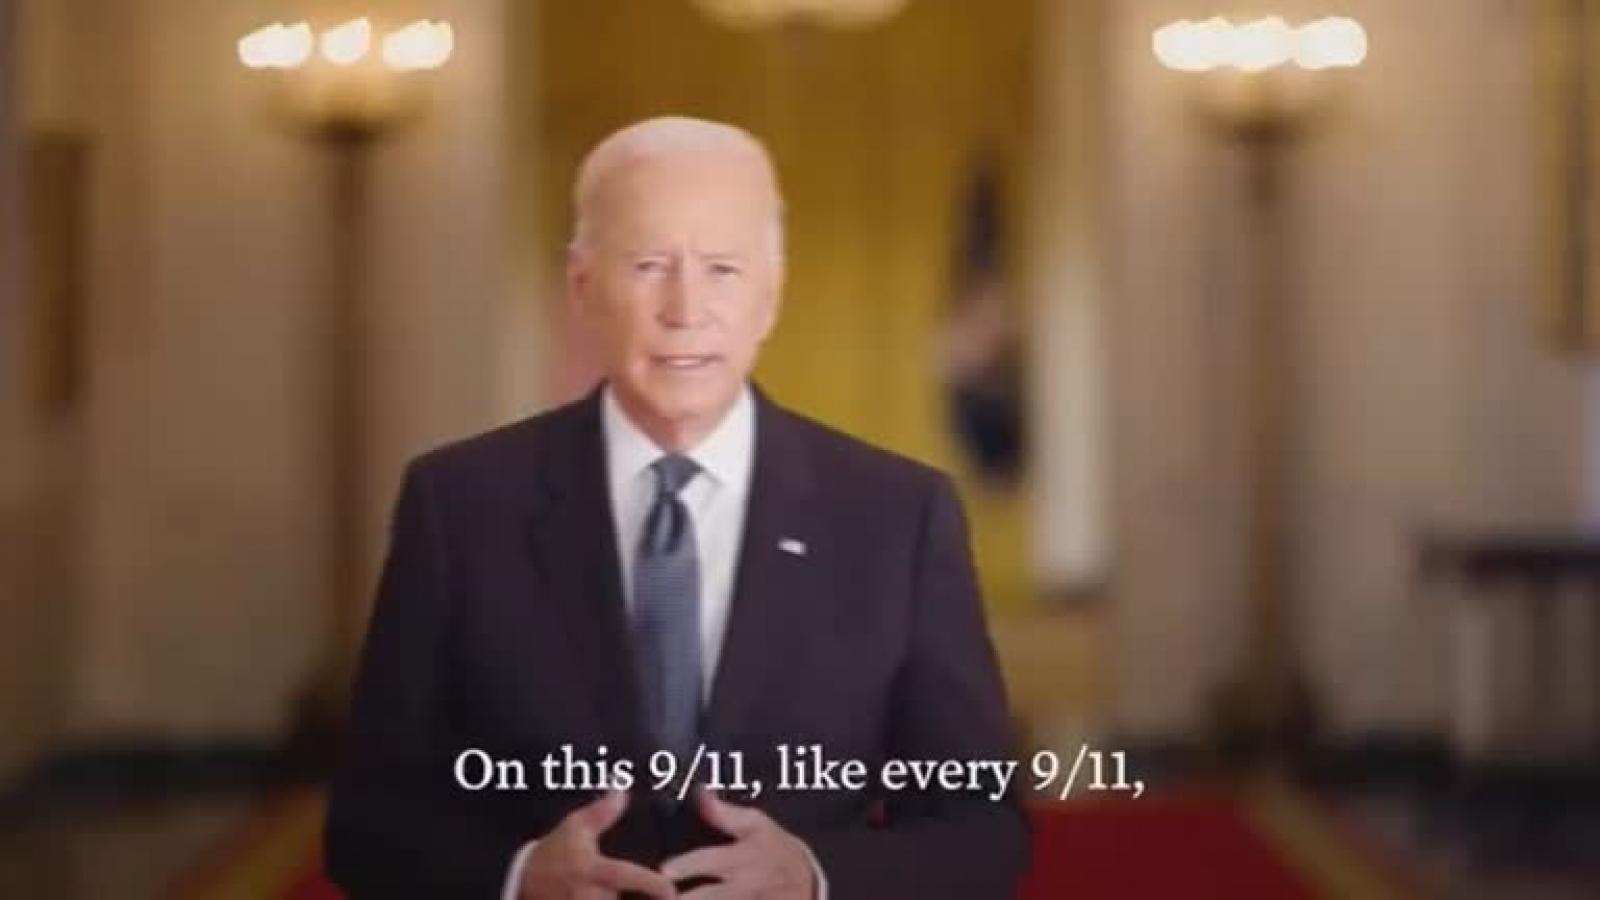 Tổng thống Mỹ Joe Biden gửi thông điệp trước lễ tưởng niệm 11/09, kêu gọi đoàn kết dân tộc